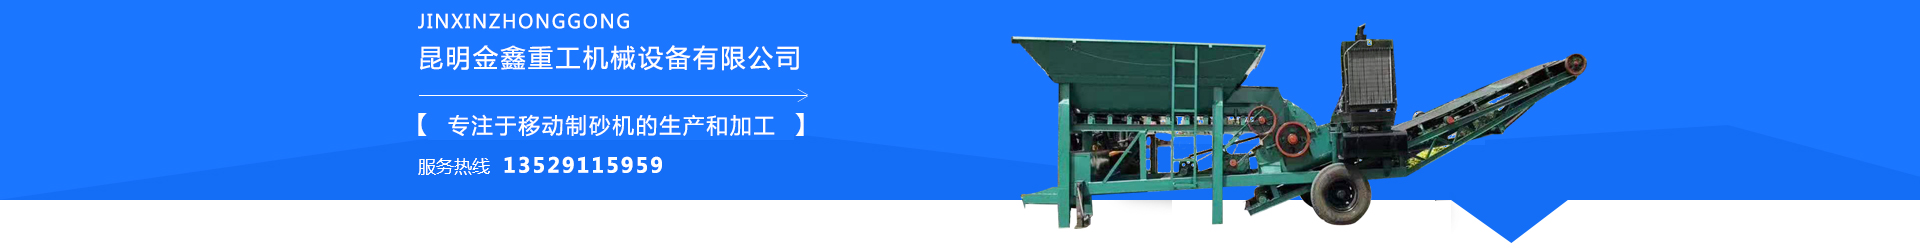 金鑫重工专注于移动制砂机的生产和加工